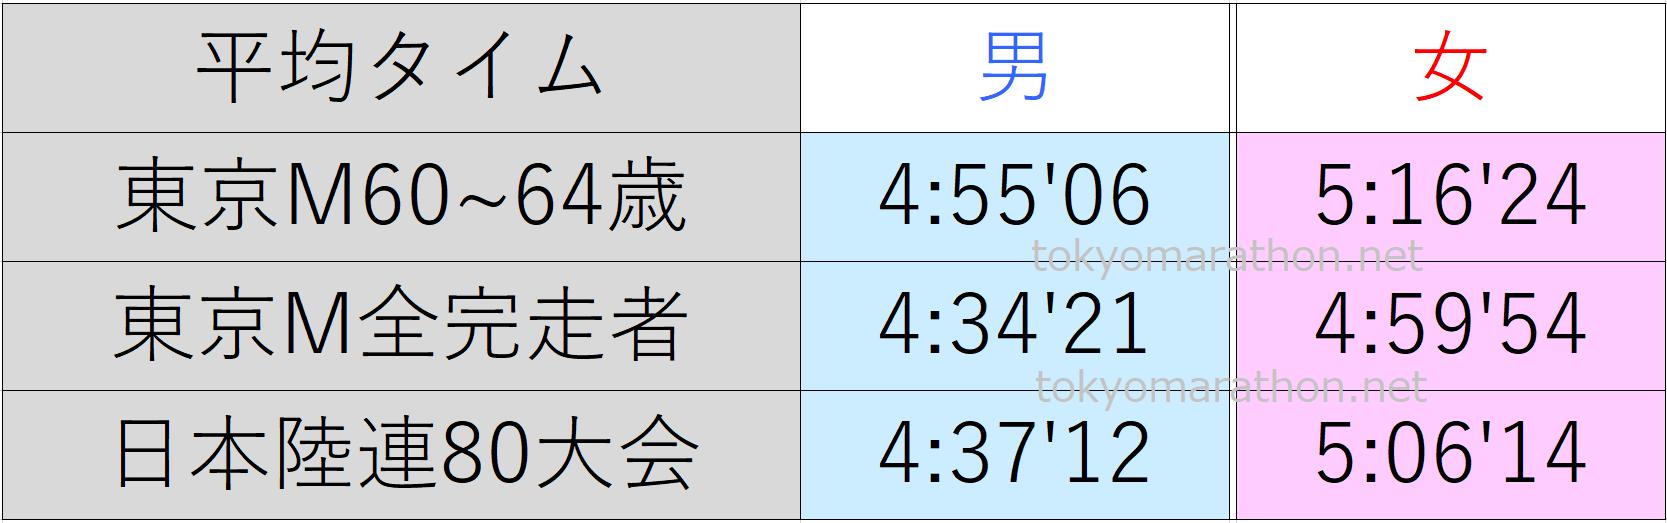 東京マラソン60~64歳の平均タイム、東京マラソン全ランナーの平均タイム、日本陸連公認の80大会の平均タイム一覧表。すべて男女別にまとめた画像です。